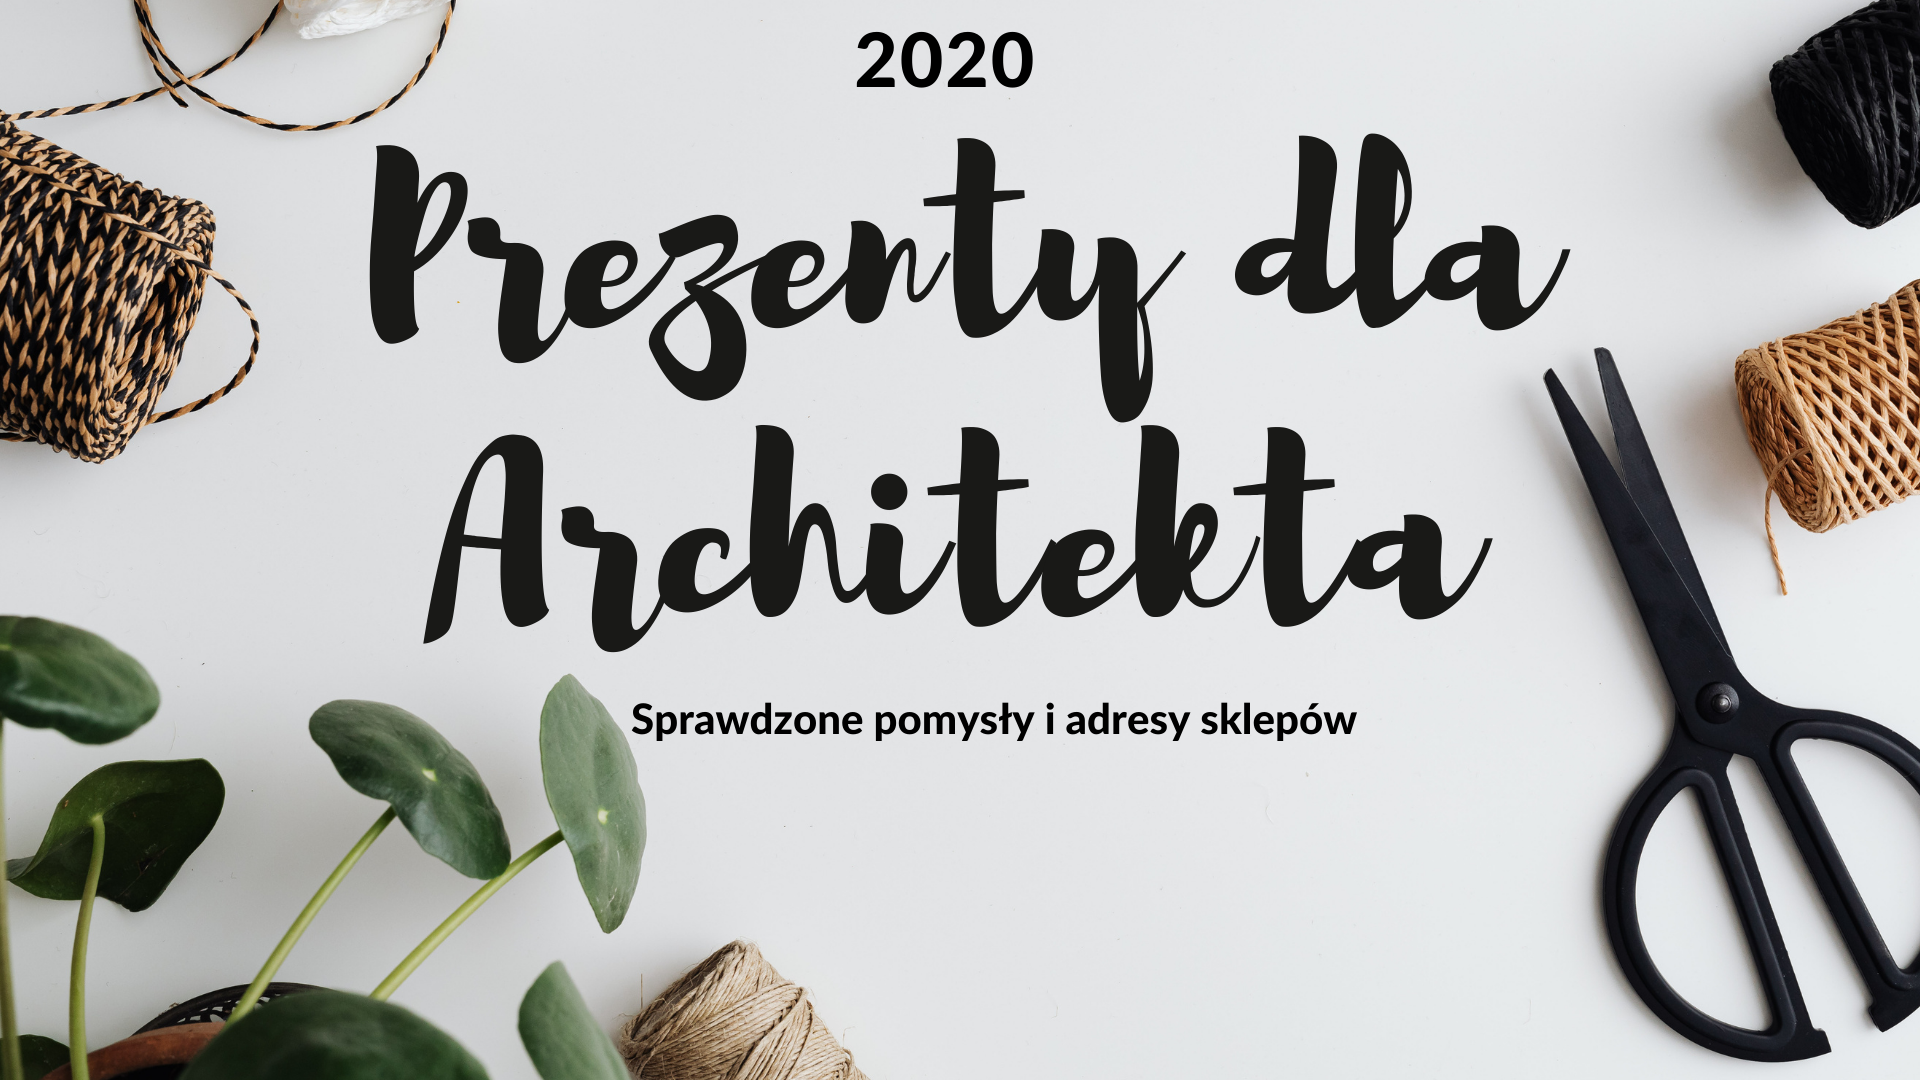 PREZENT DLA ARCHITEKTA (2020)- SPRAWDZONE POMYSŁY I ADRESY SKLEPÓW! 1